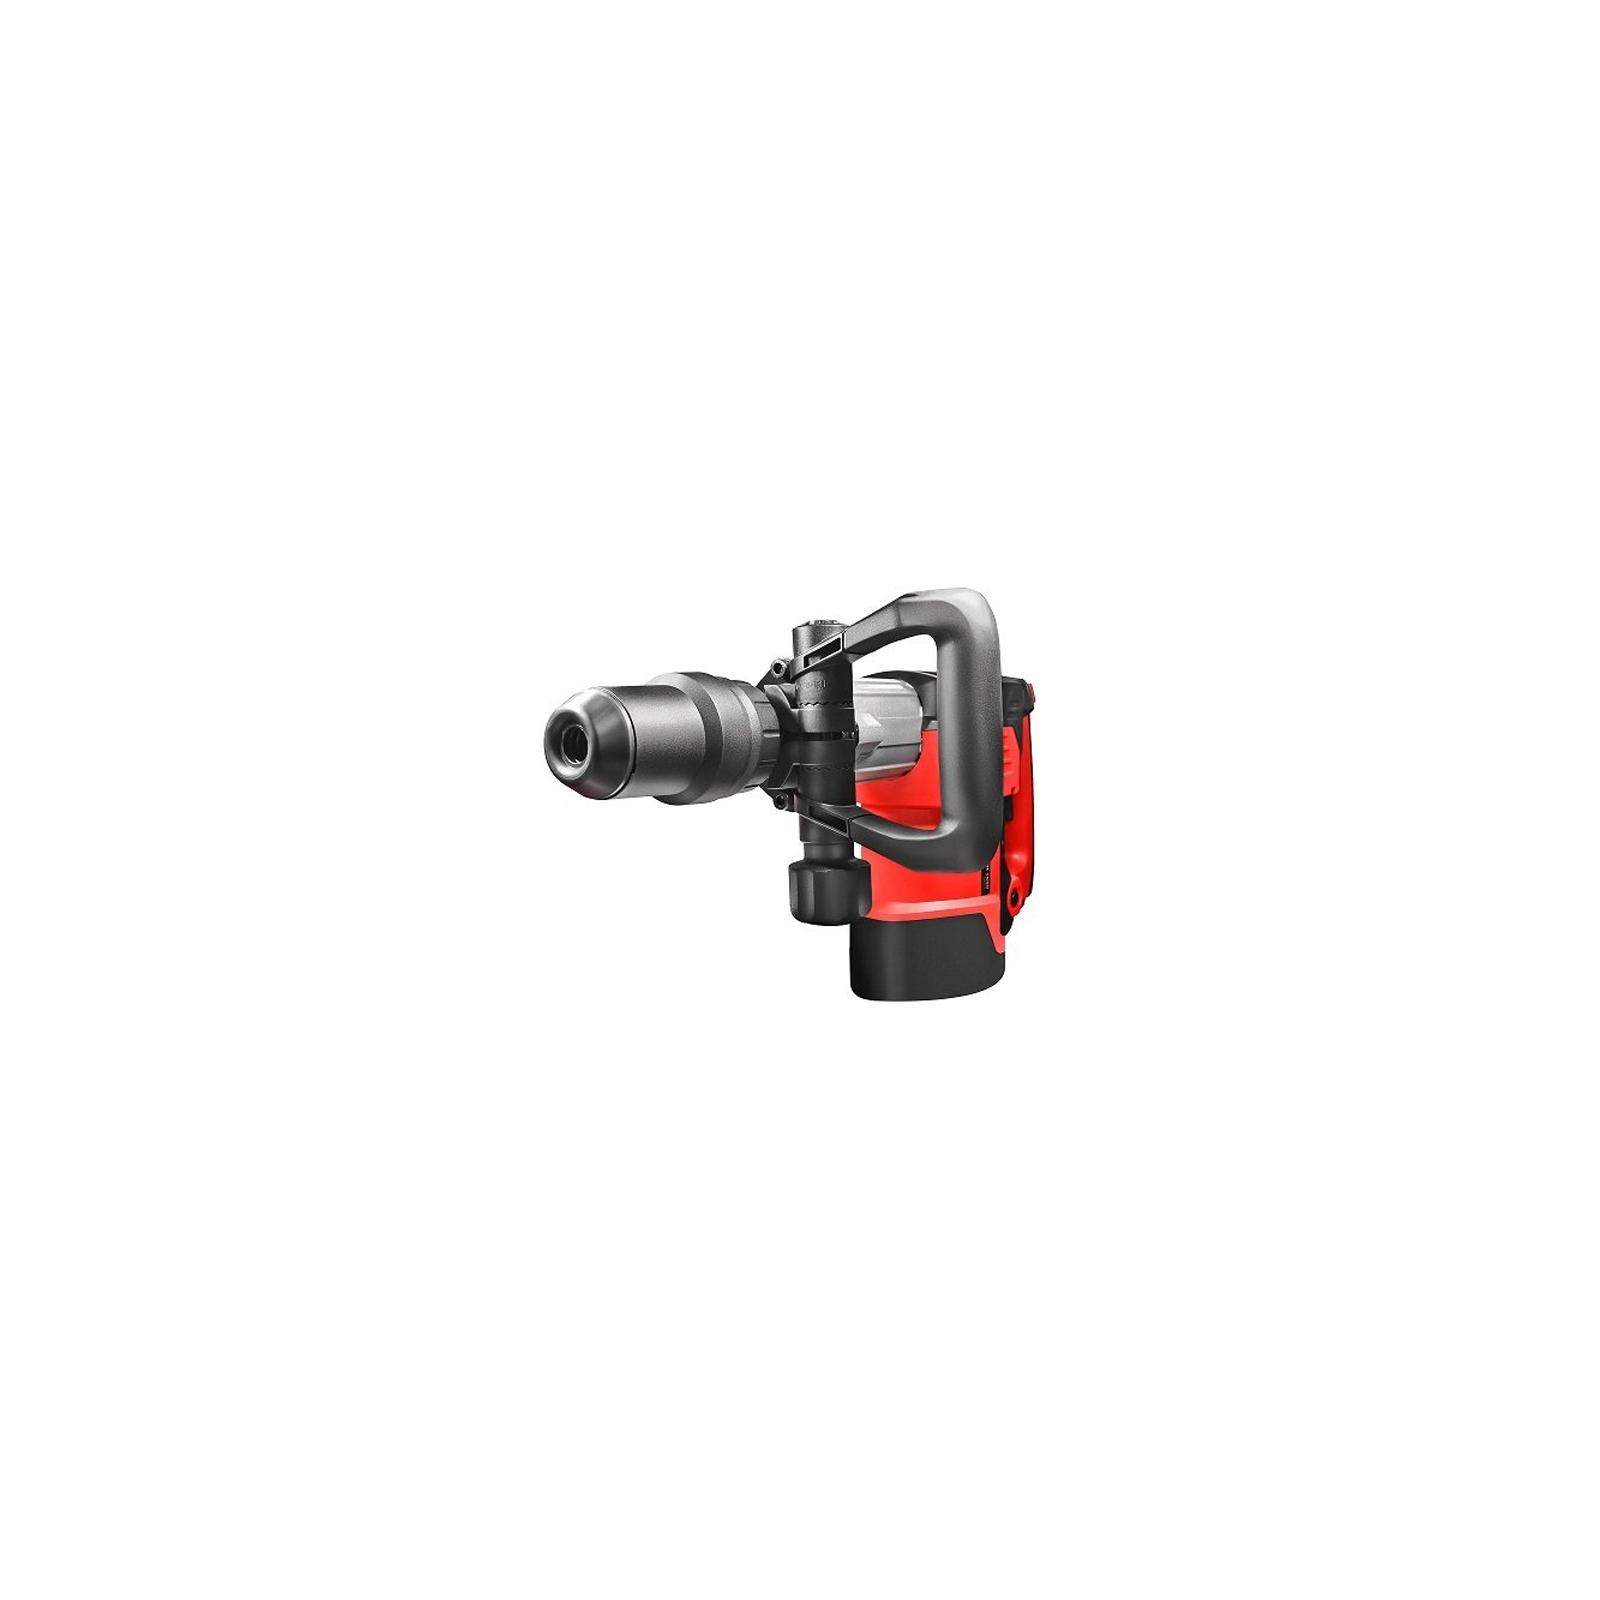 Отбойный молоток Stark RH 1650 MAX (140065030) изображение 2